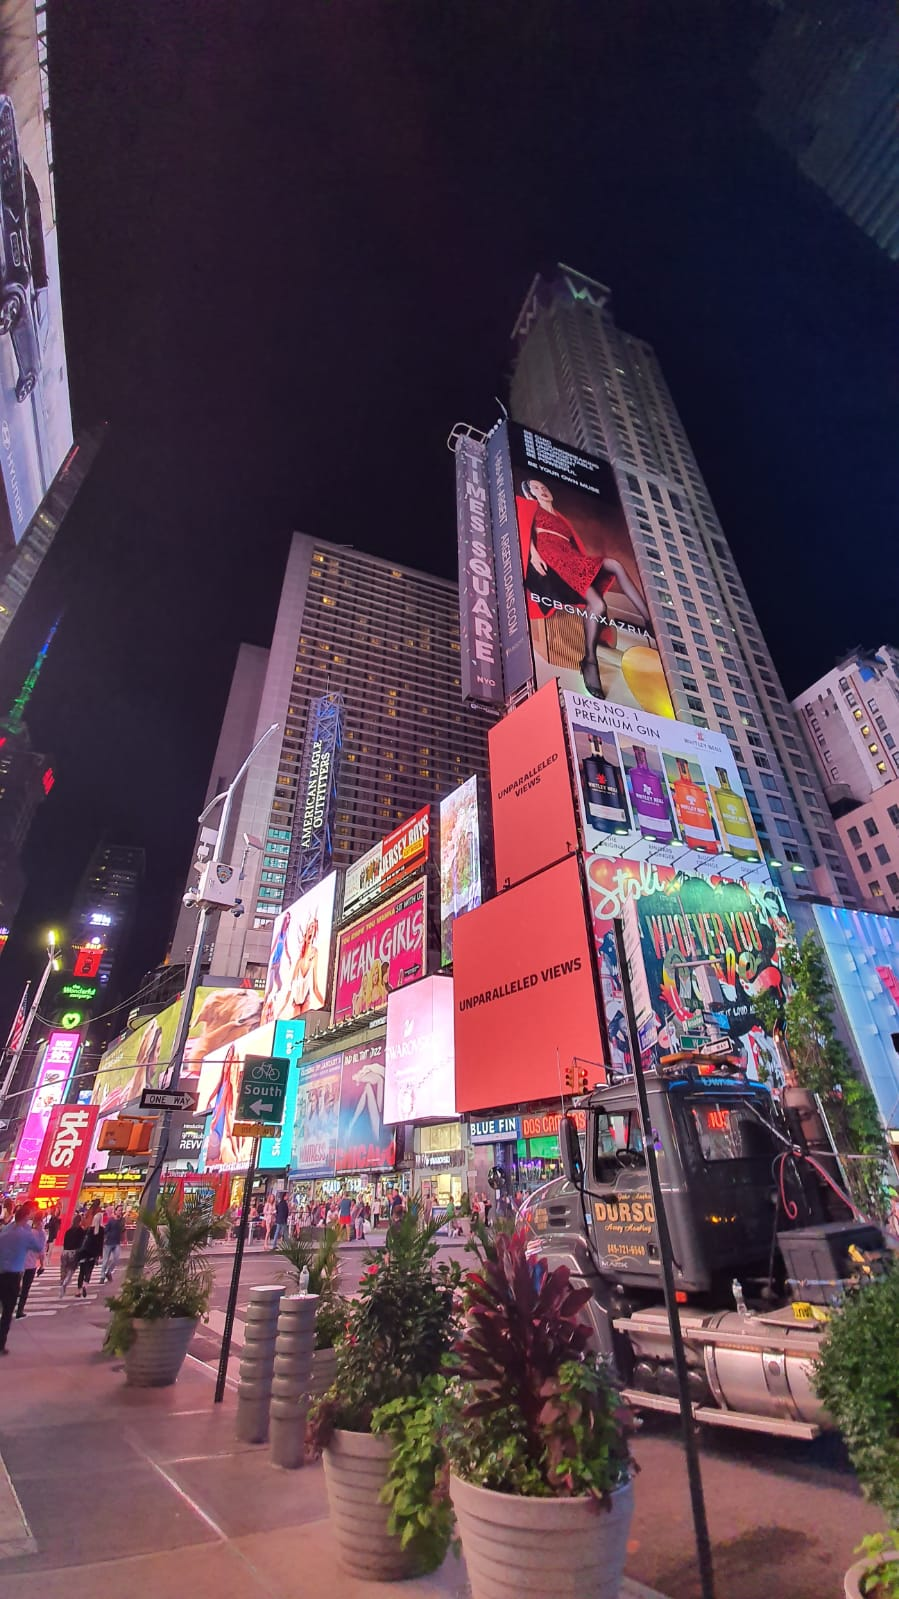 الصورة: هذه هي الطريقة التي تلتقط بها سامسونج الجديدة الصور Galaxy Note10 +! + الصور الليلية والفيديو 16